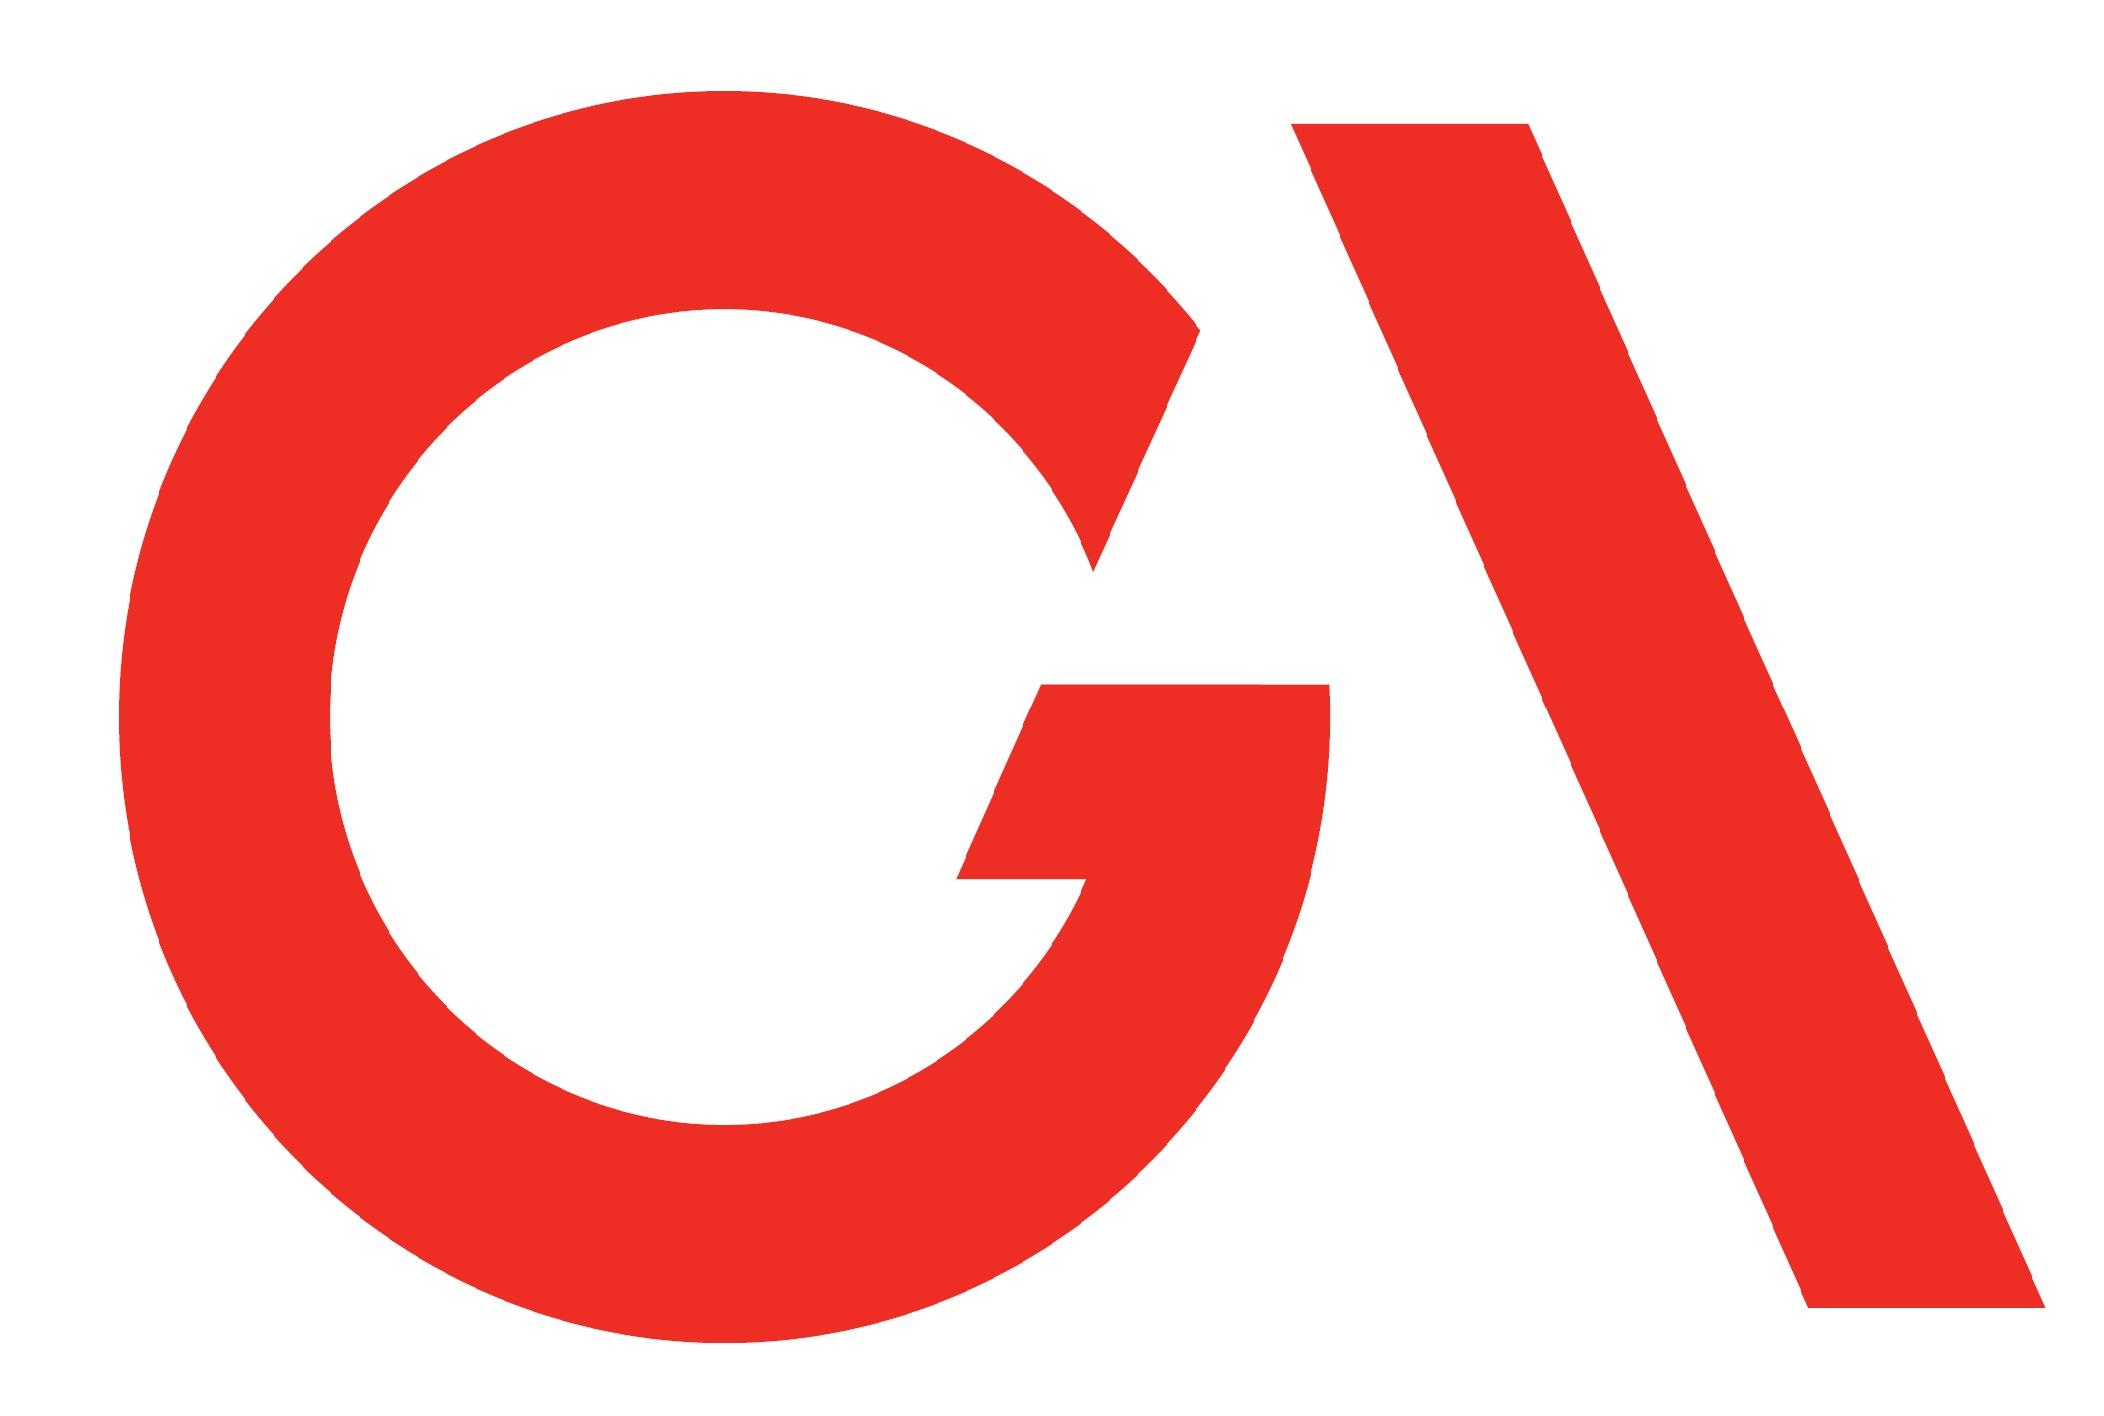 e7bbc2fc09e Geneva Association - Wikipedia